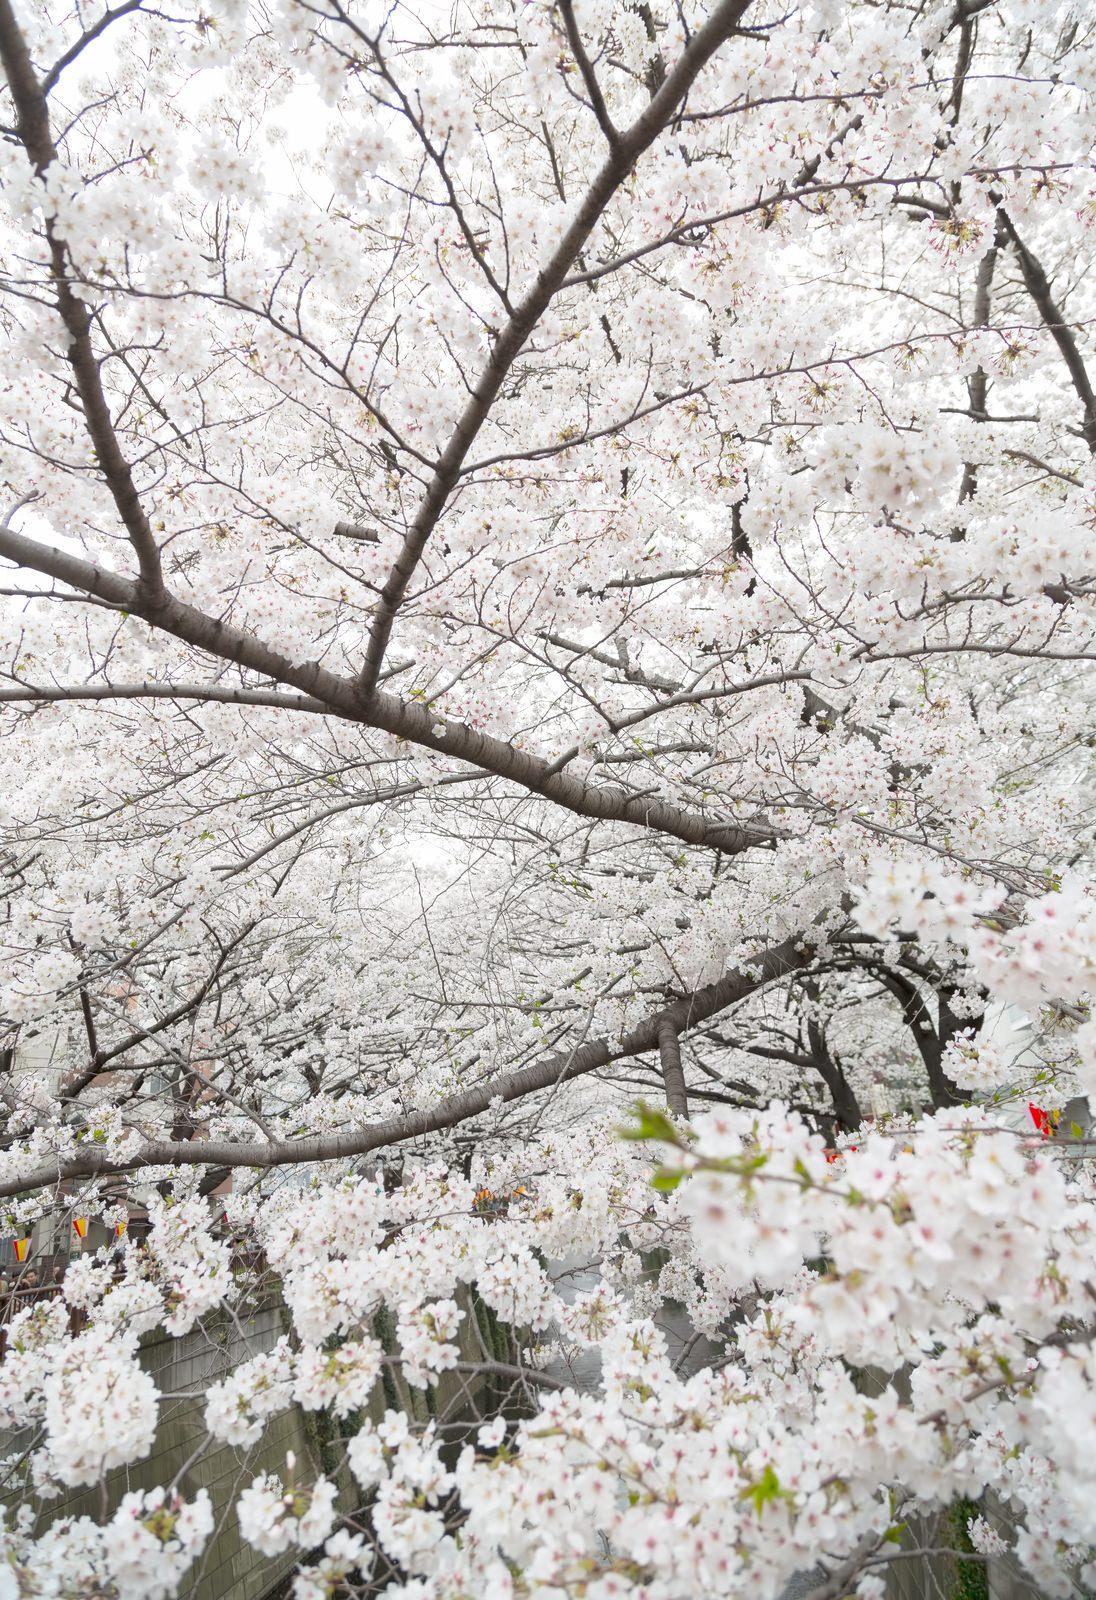 桜の木々桜の木々